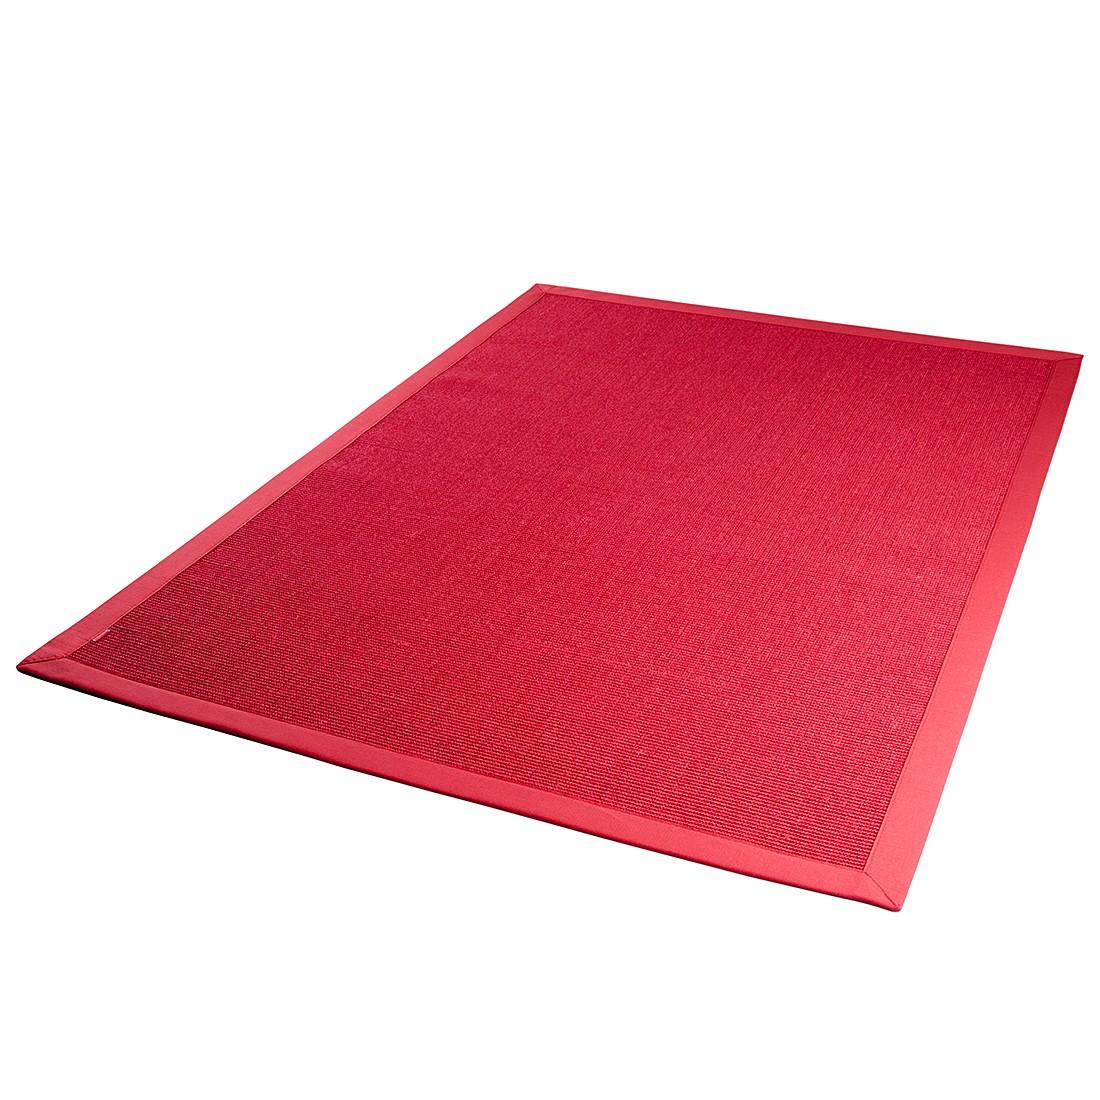 Teppich Mara A2 – Rot – 80 x 160 cm, DEKOWE online bestellen